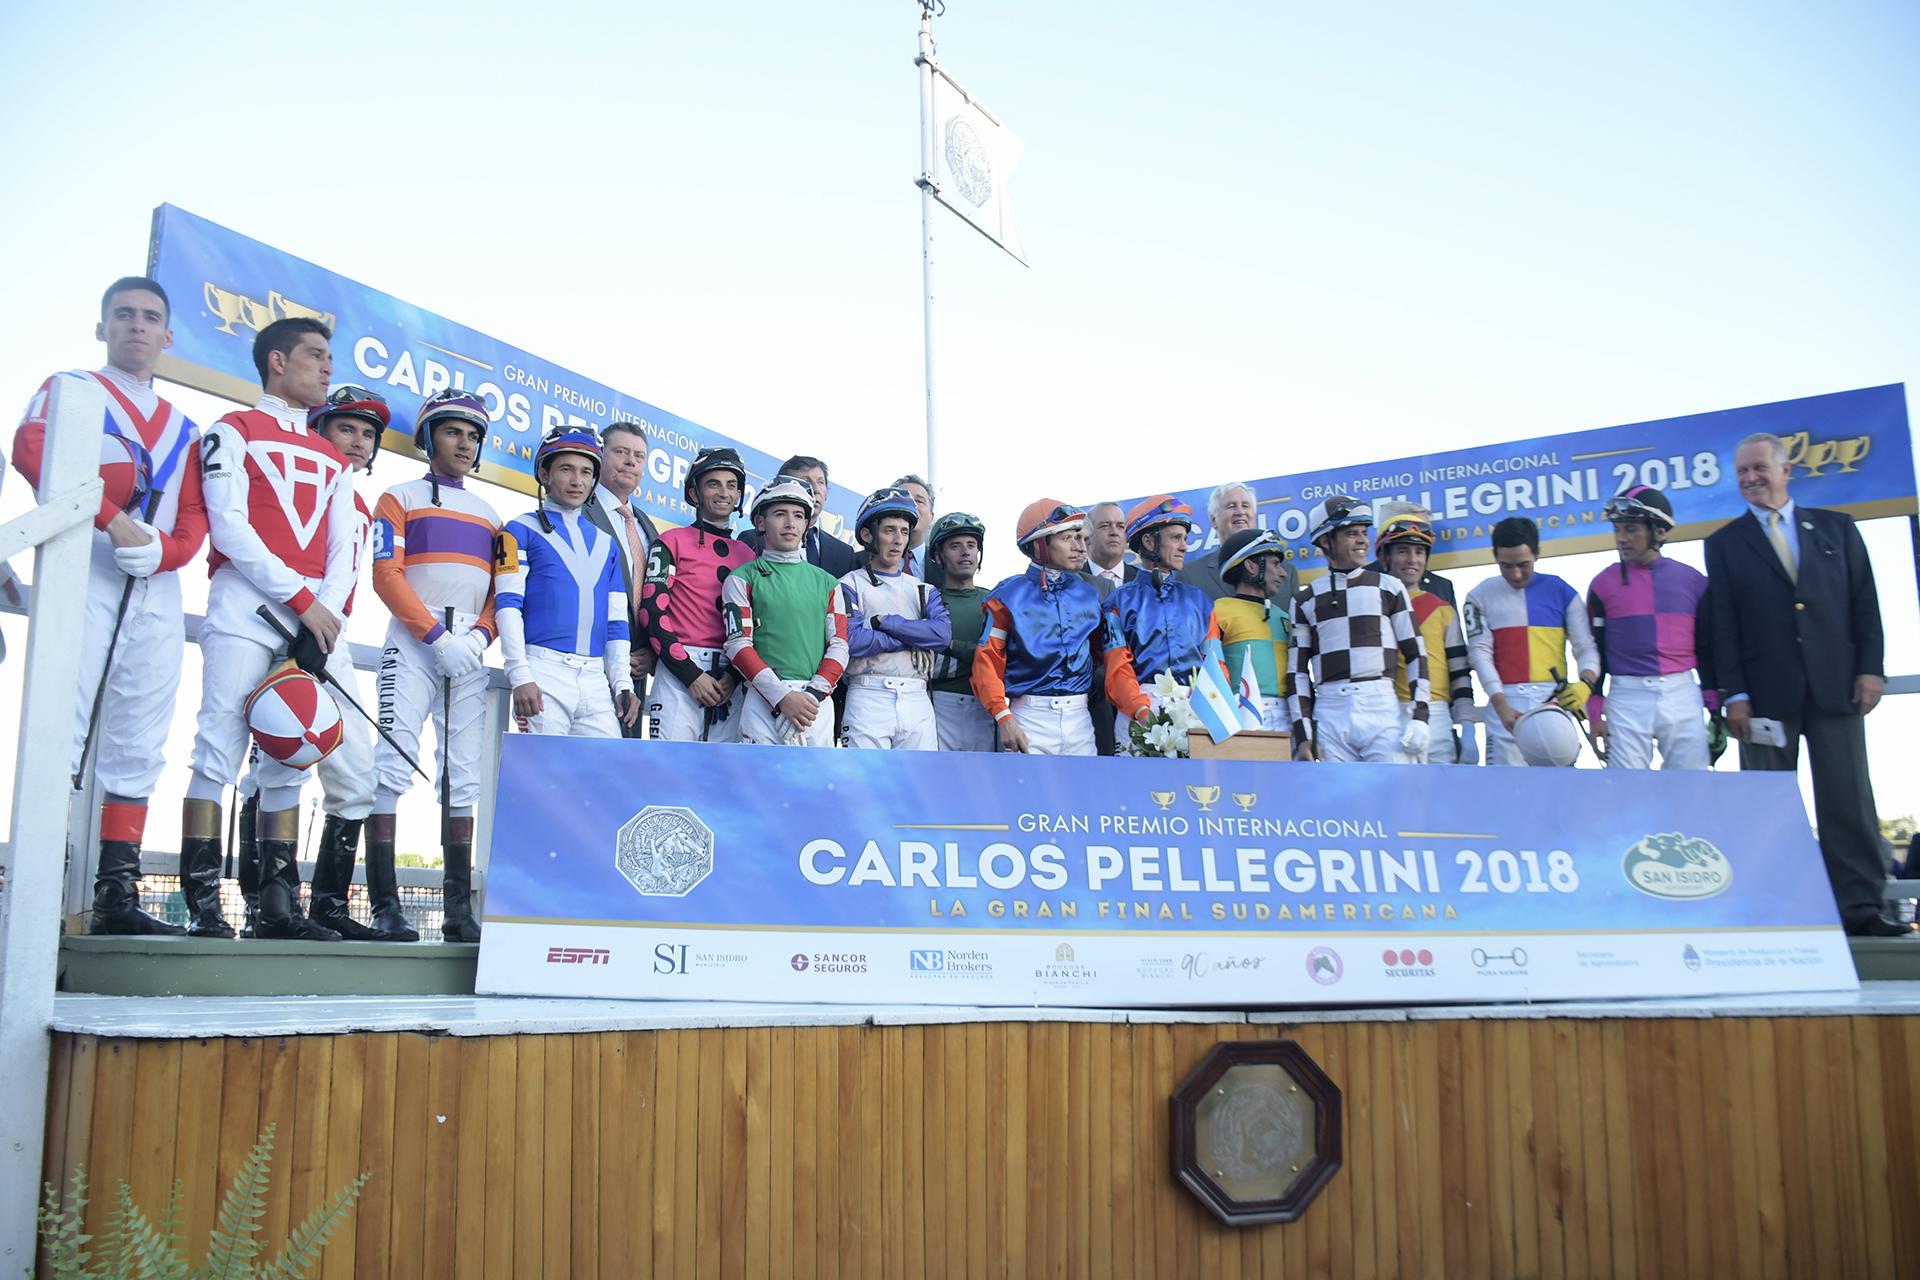 """Todos los jockey antes de comenzarel Gran Premio Internacional""""Carlos Pellegrini"""" junto a los directivos del Jockey Club y del Hipódromo de San Isidro"""